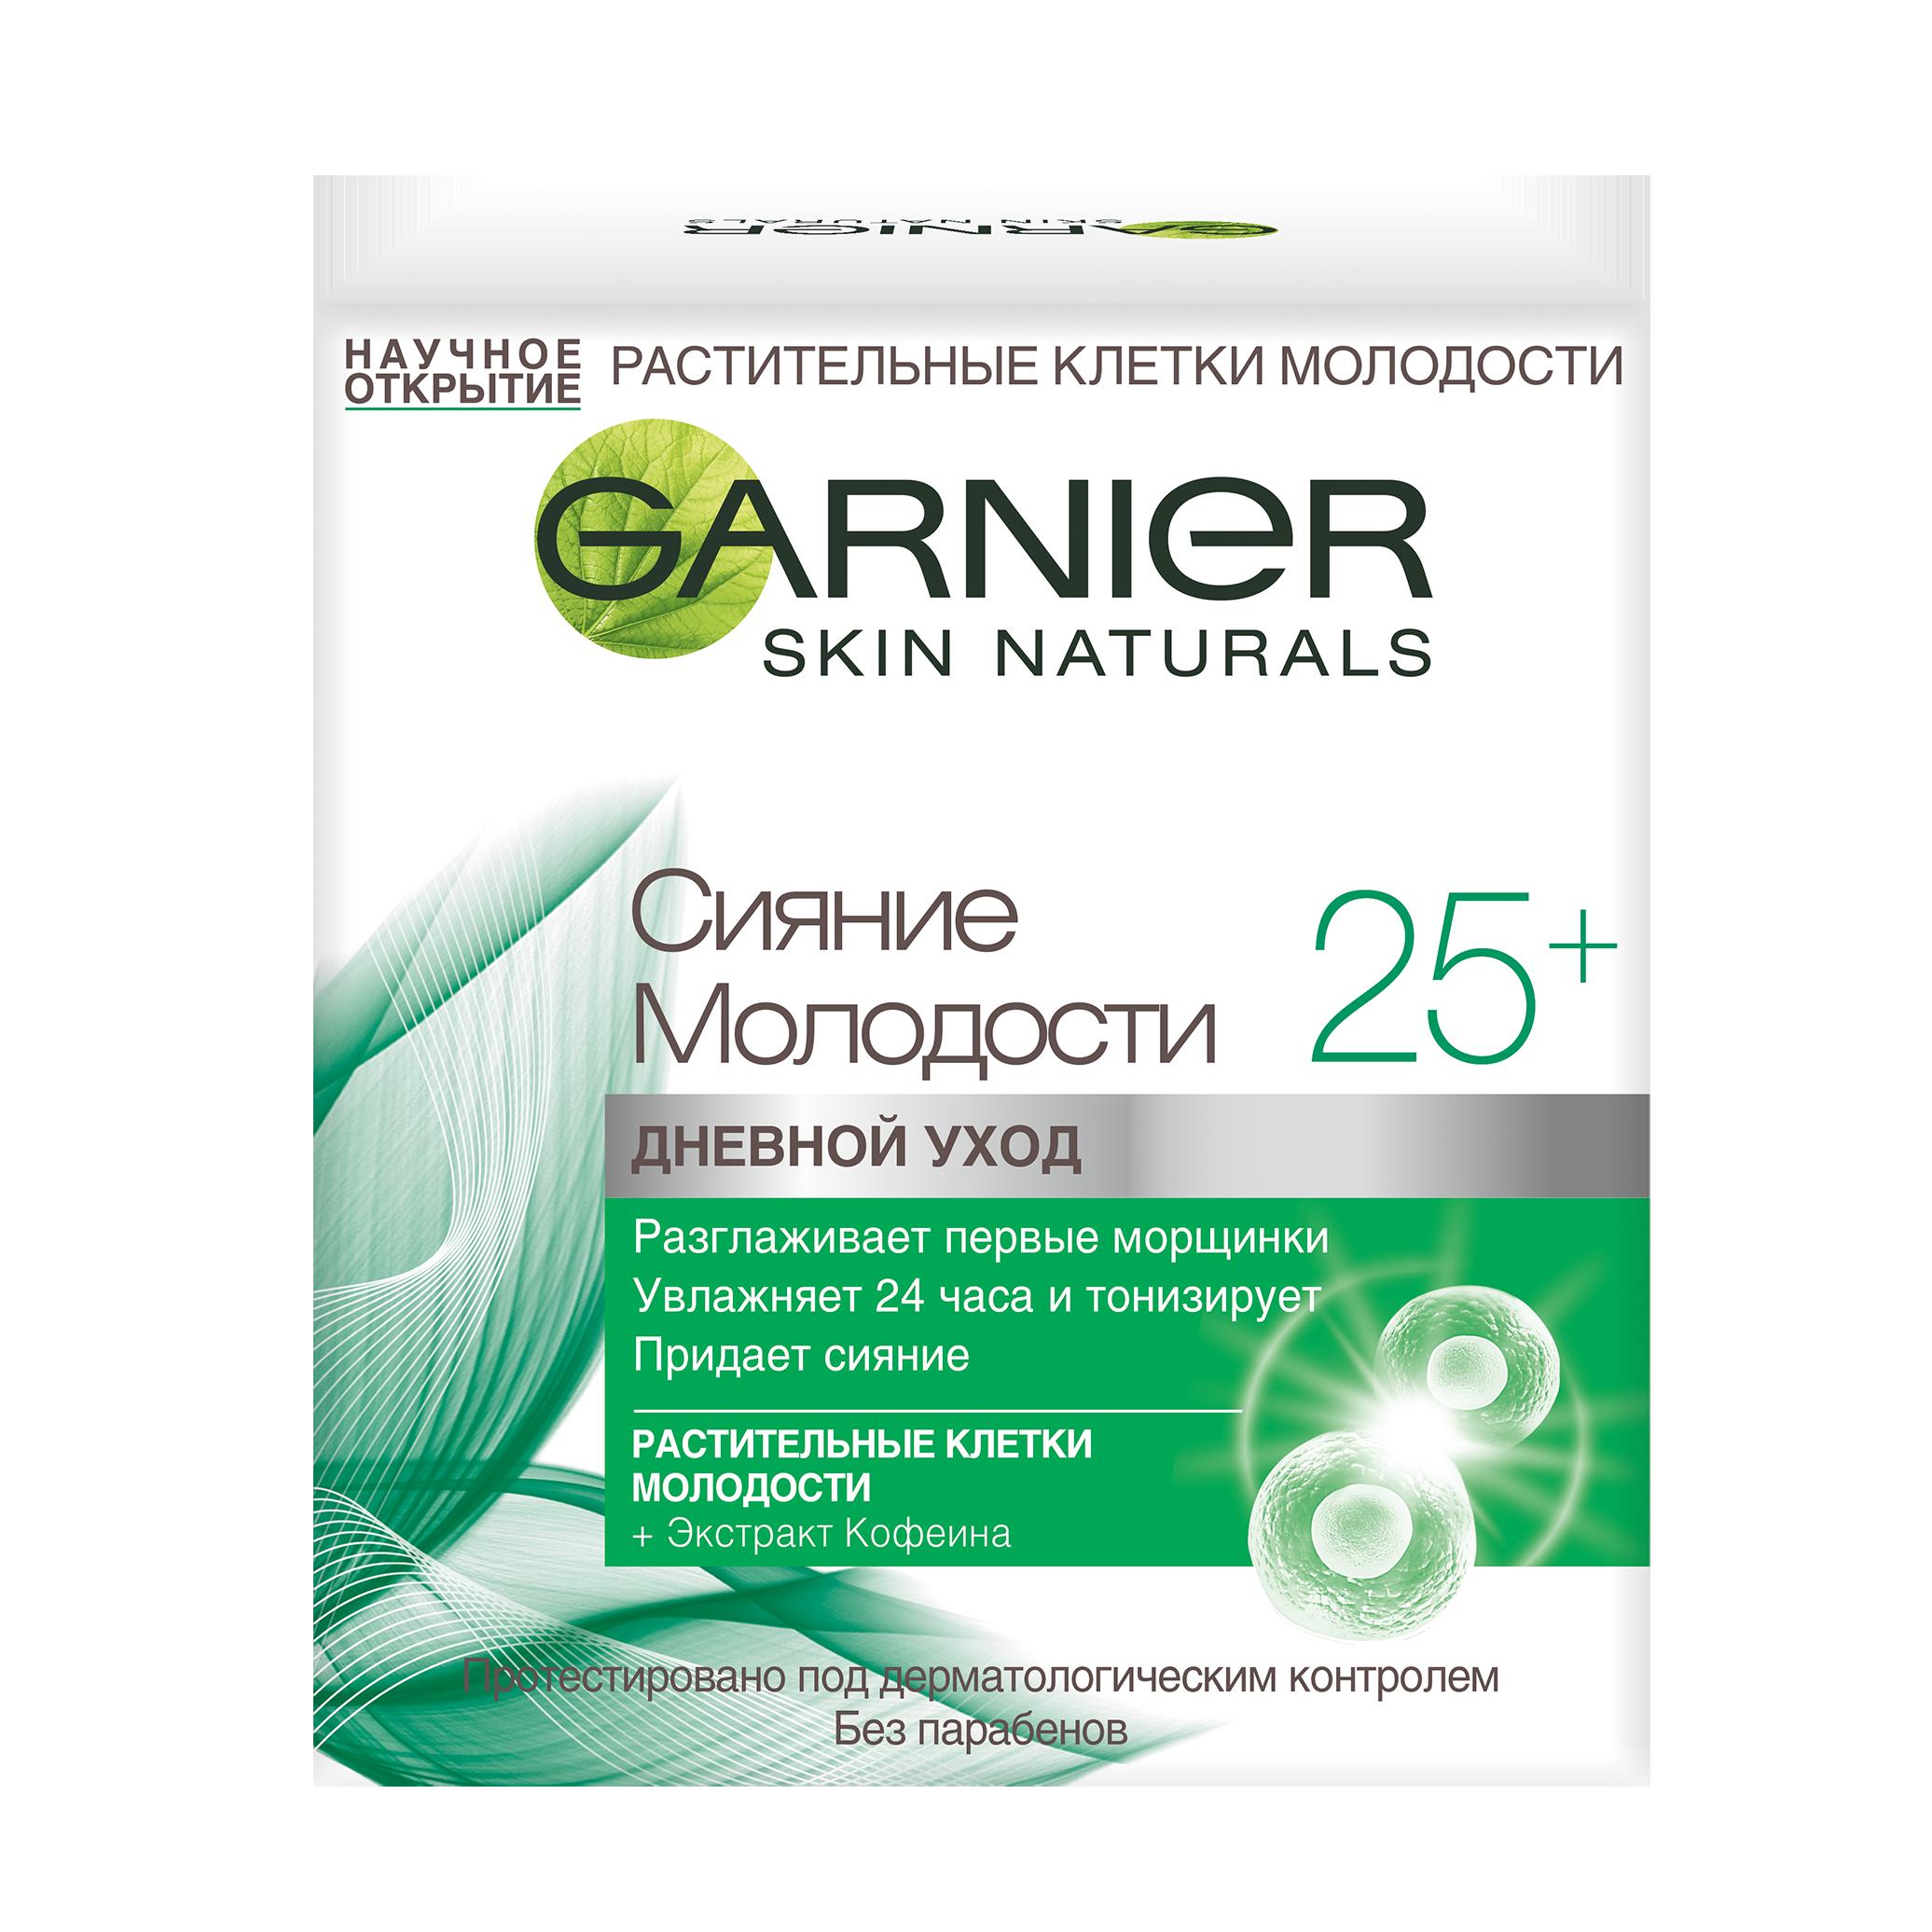 Крем для лица Garnier Skin Naturals Сияние Молодости 25+ 50 мл фото